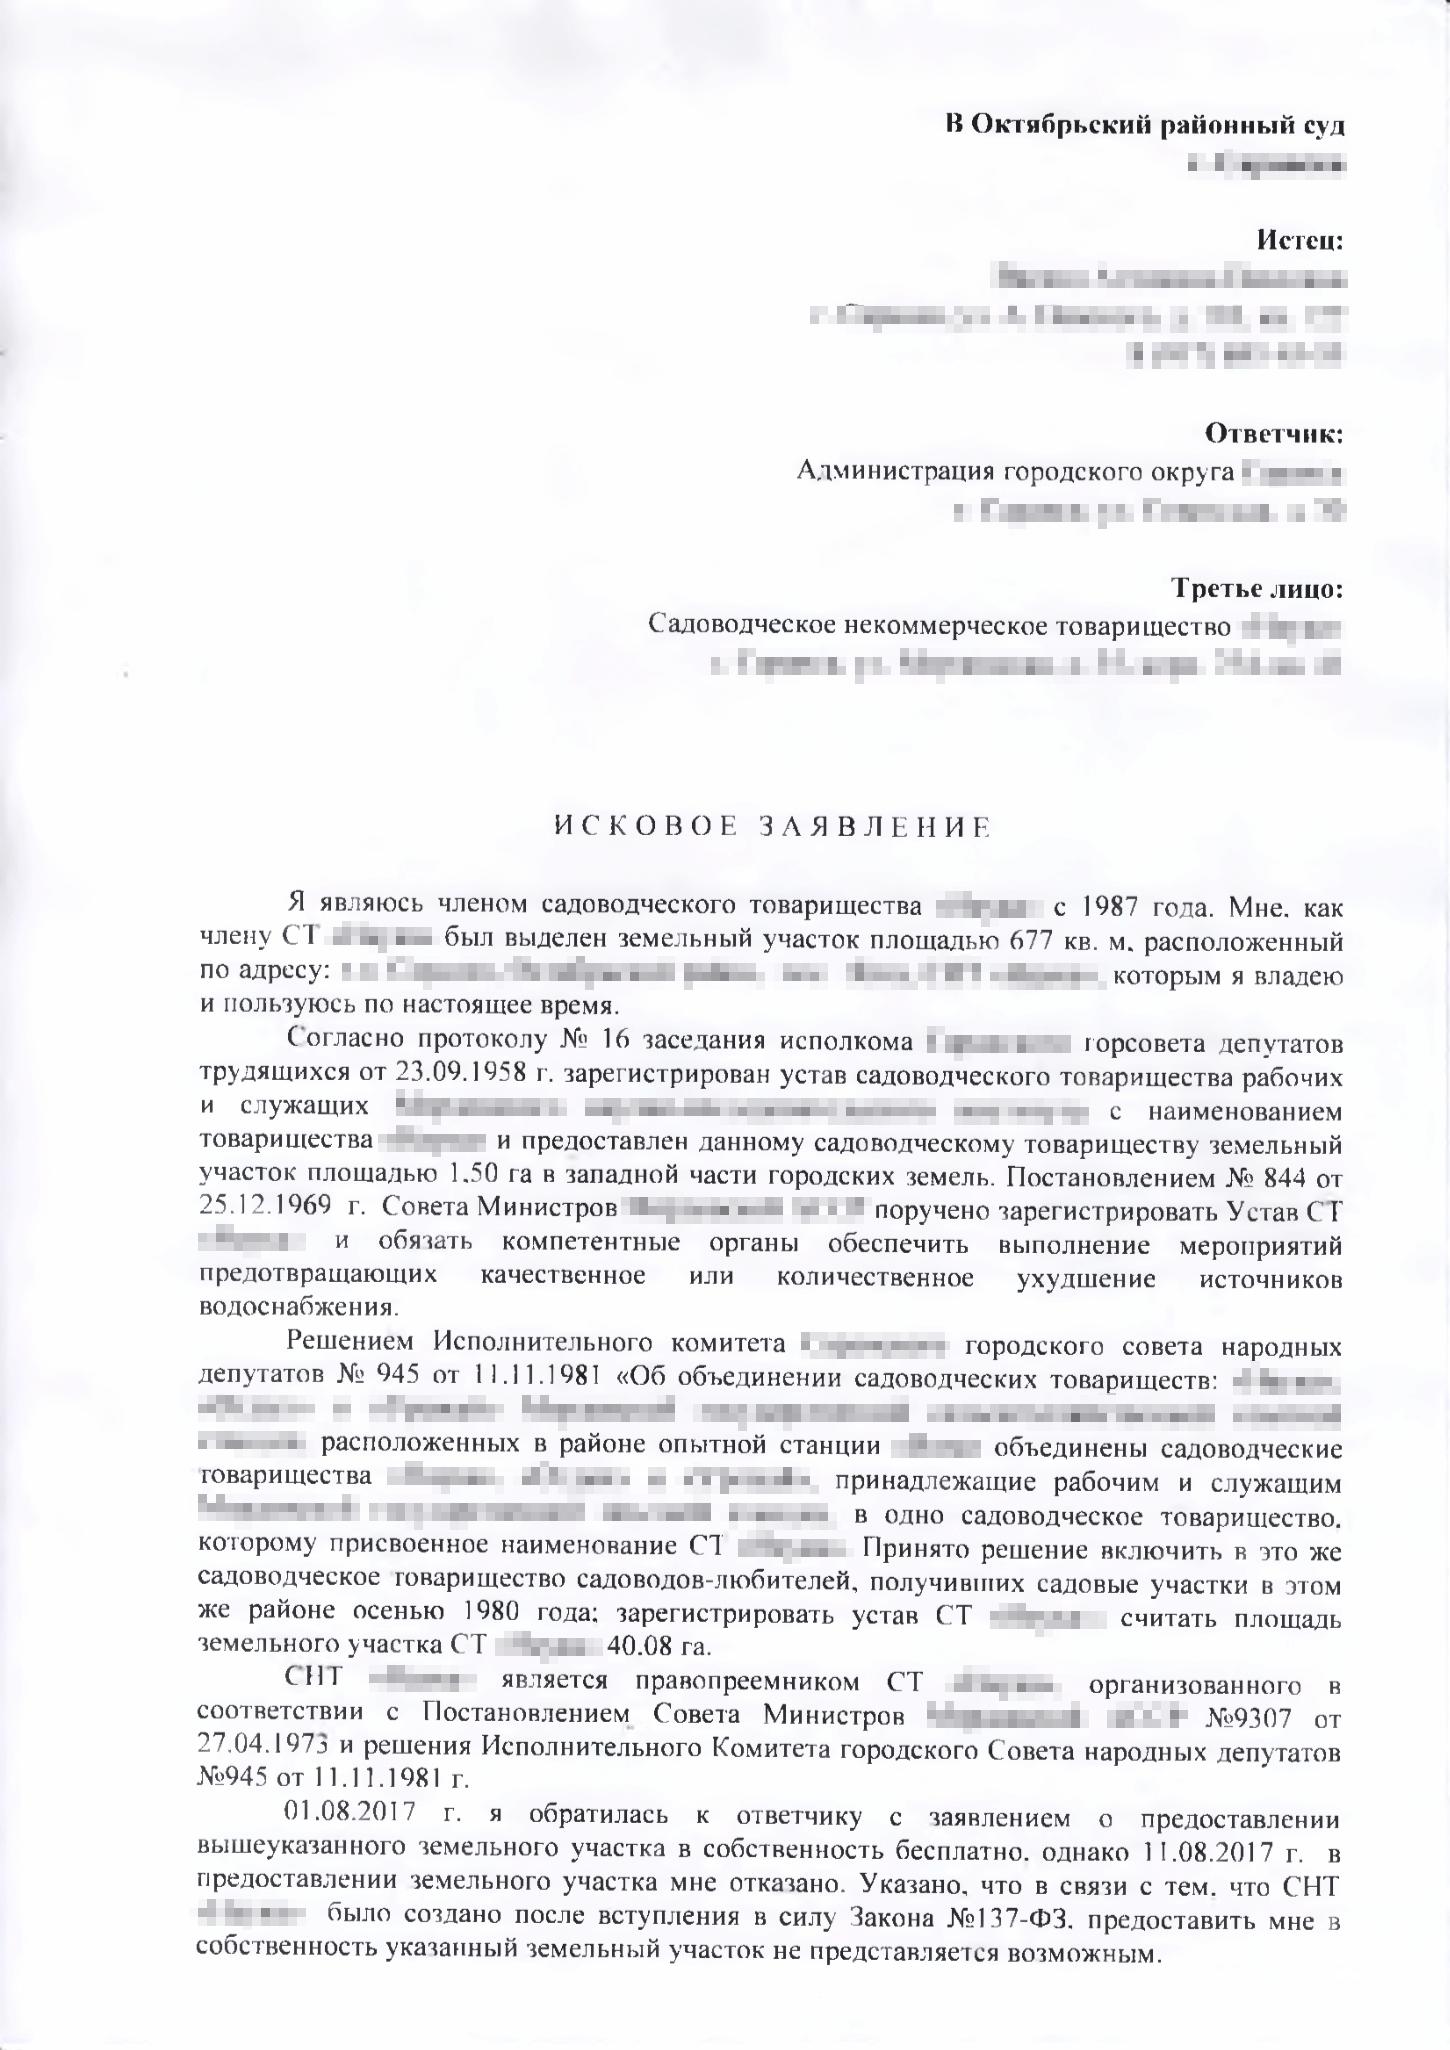 Мое исковое заявление об обязании предоставить земельный участок